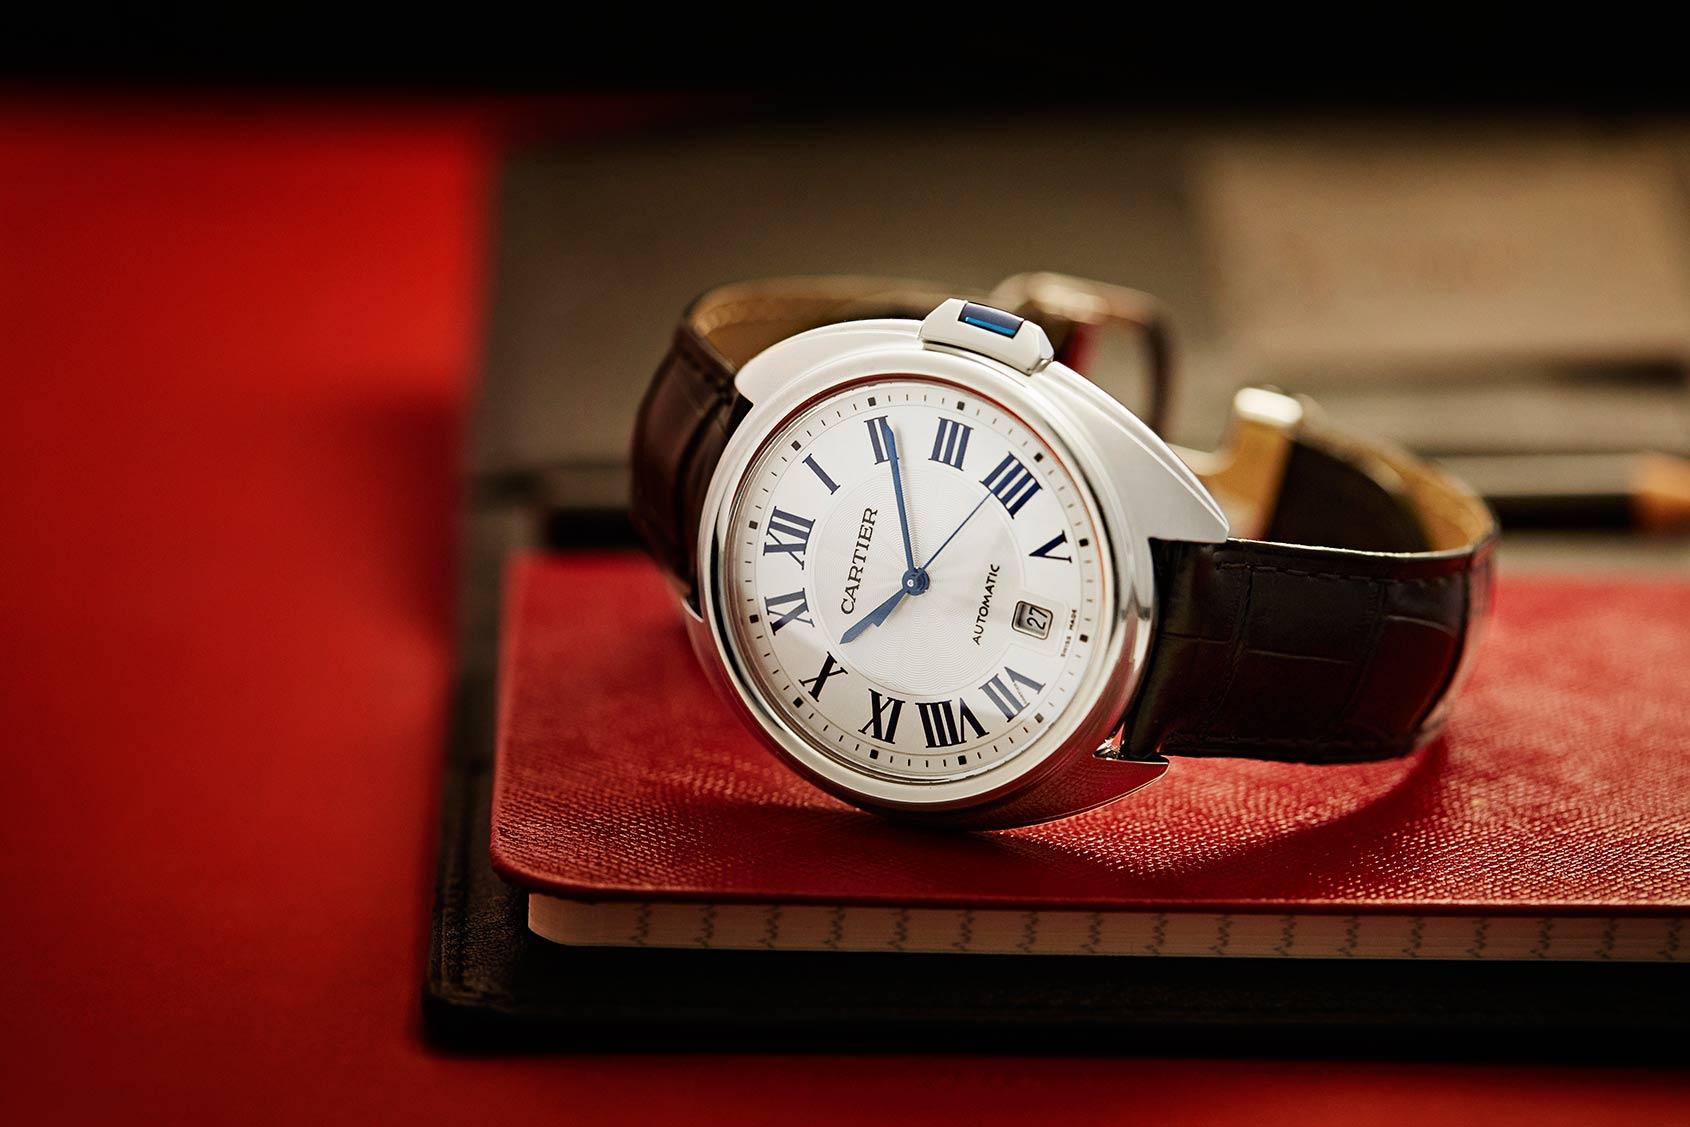 Cartier Cle De Cartier In Depth Review